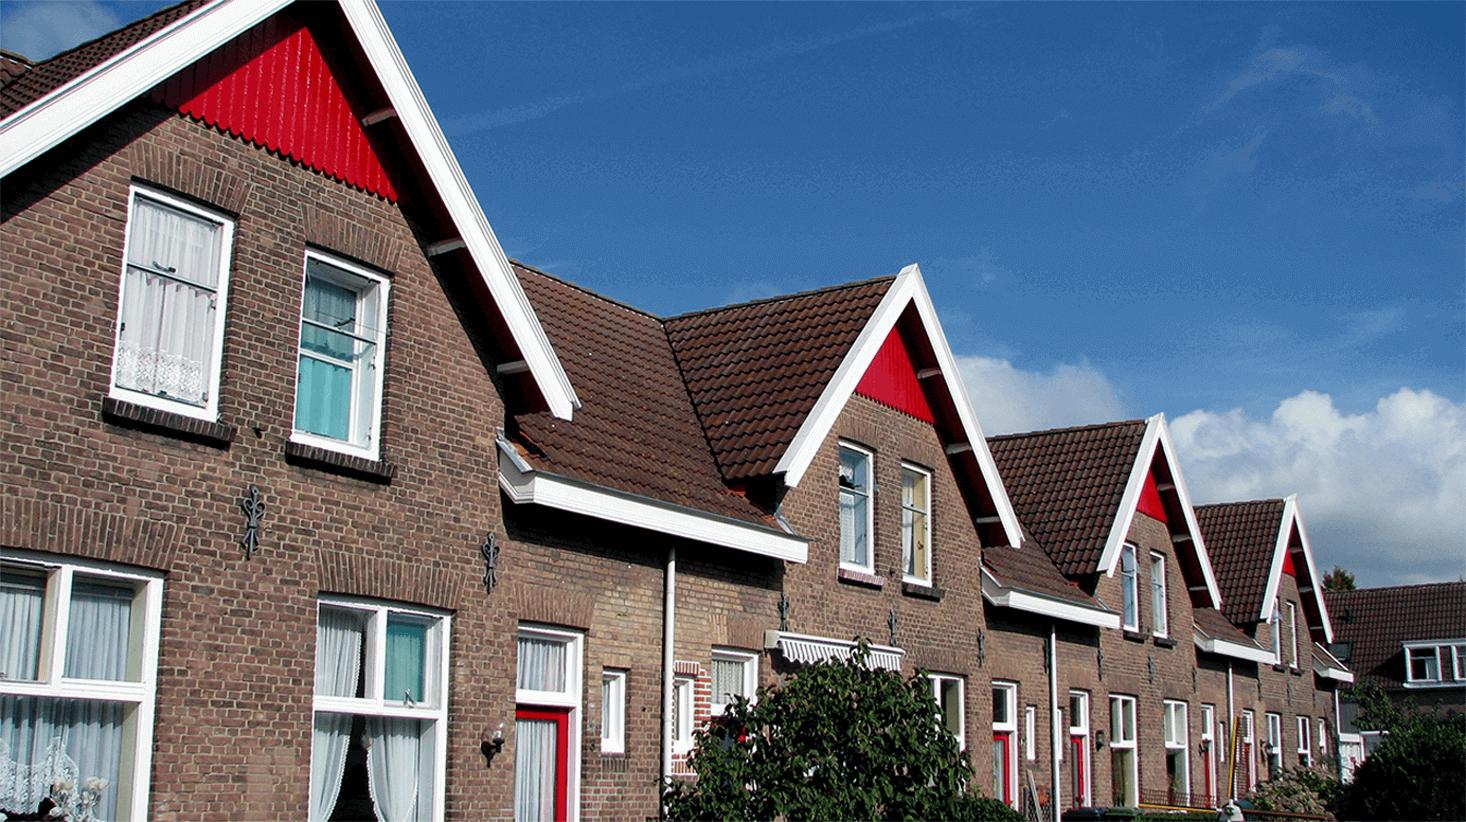 Bedrijf die huizen koopt